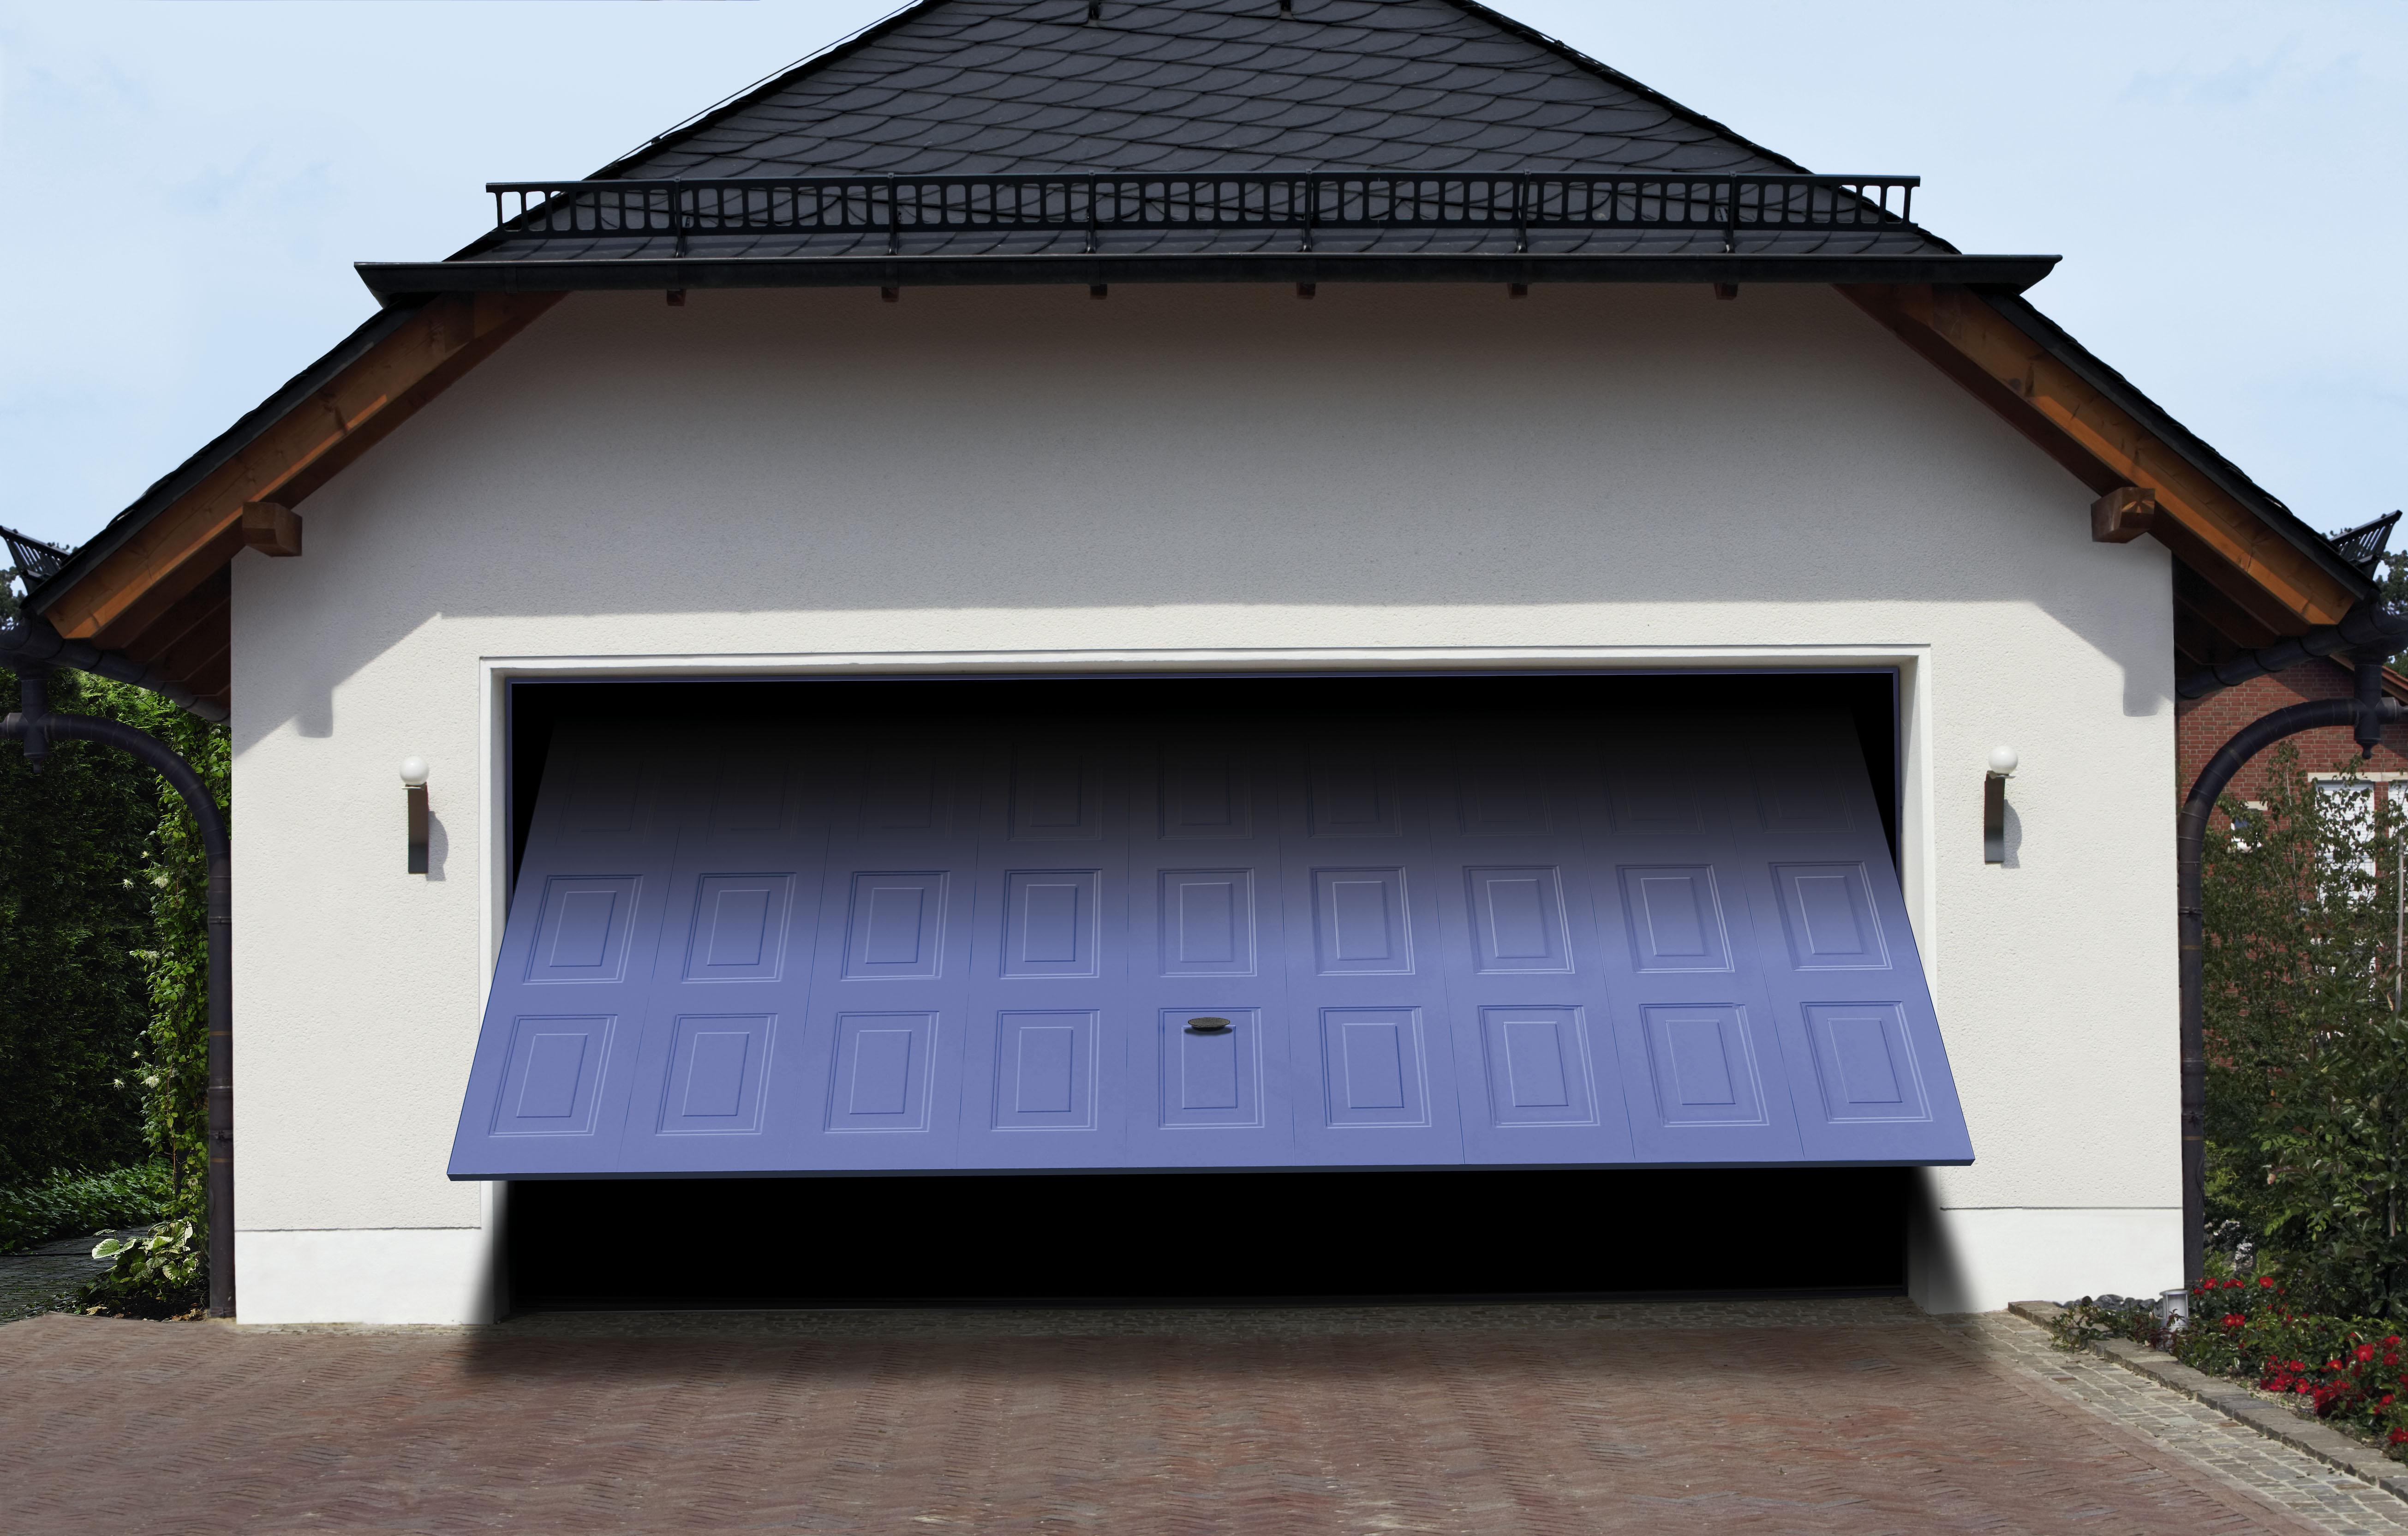 Portes de garage basculantes hauteur largeur - Porte garage basculante 200x300 ...